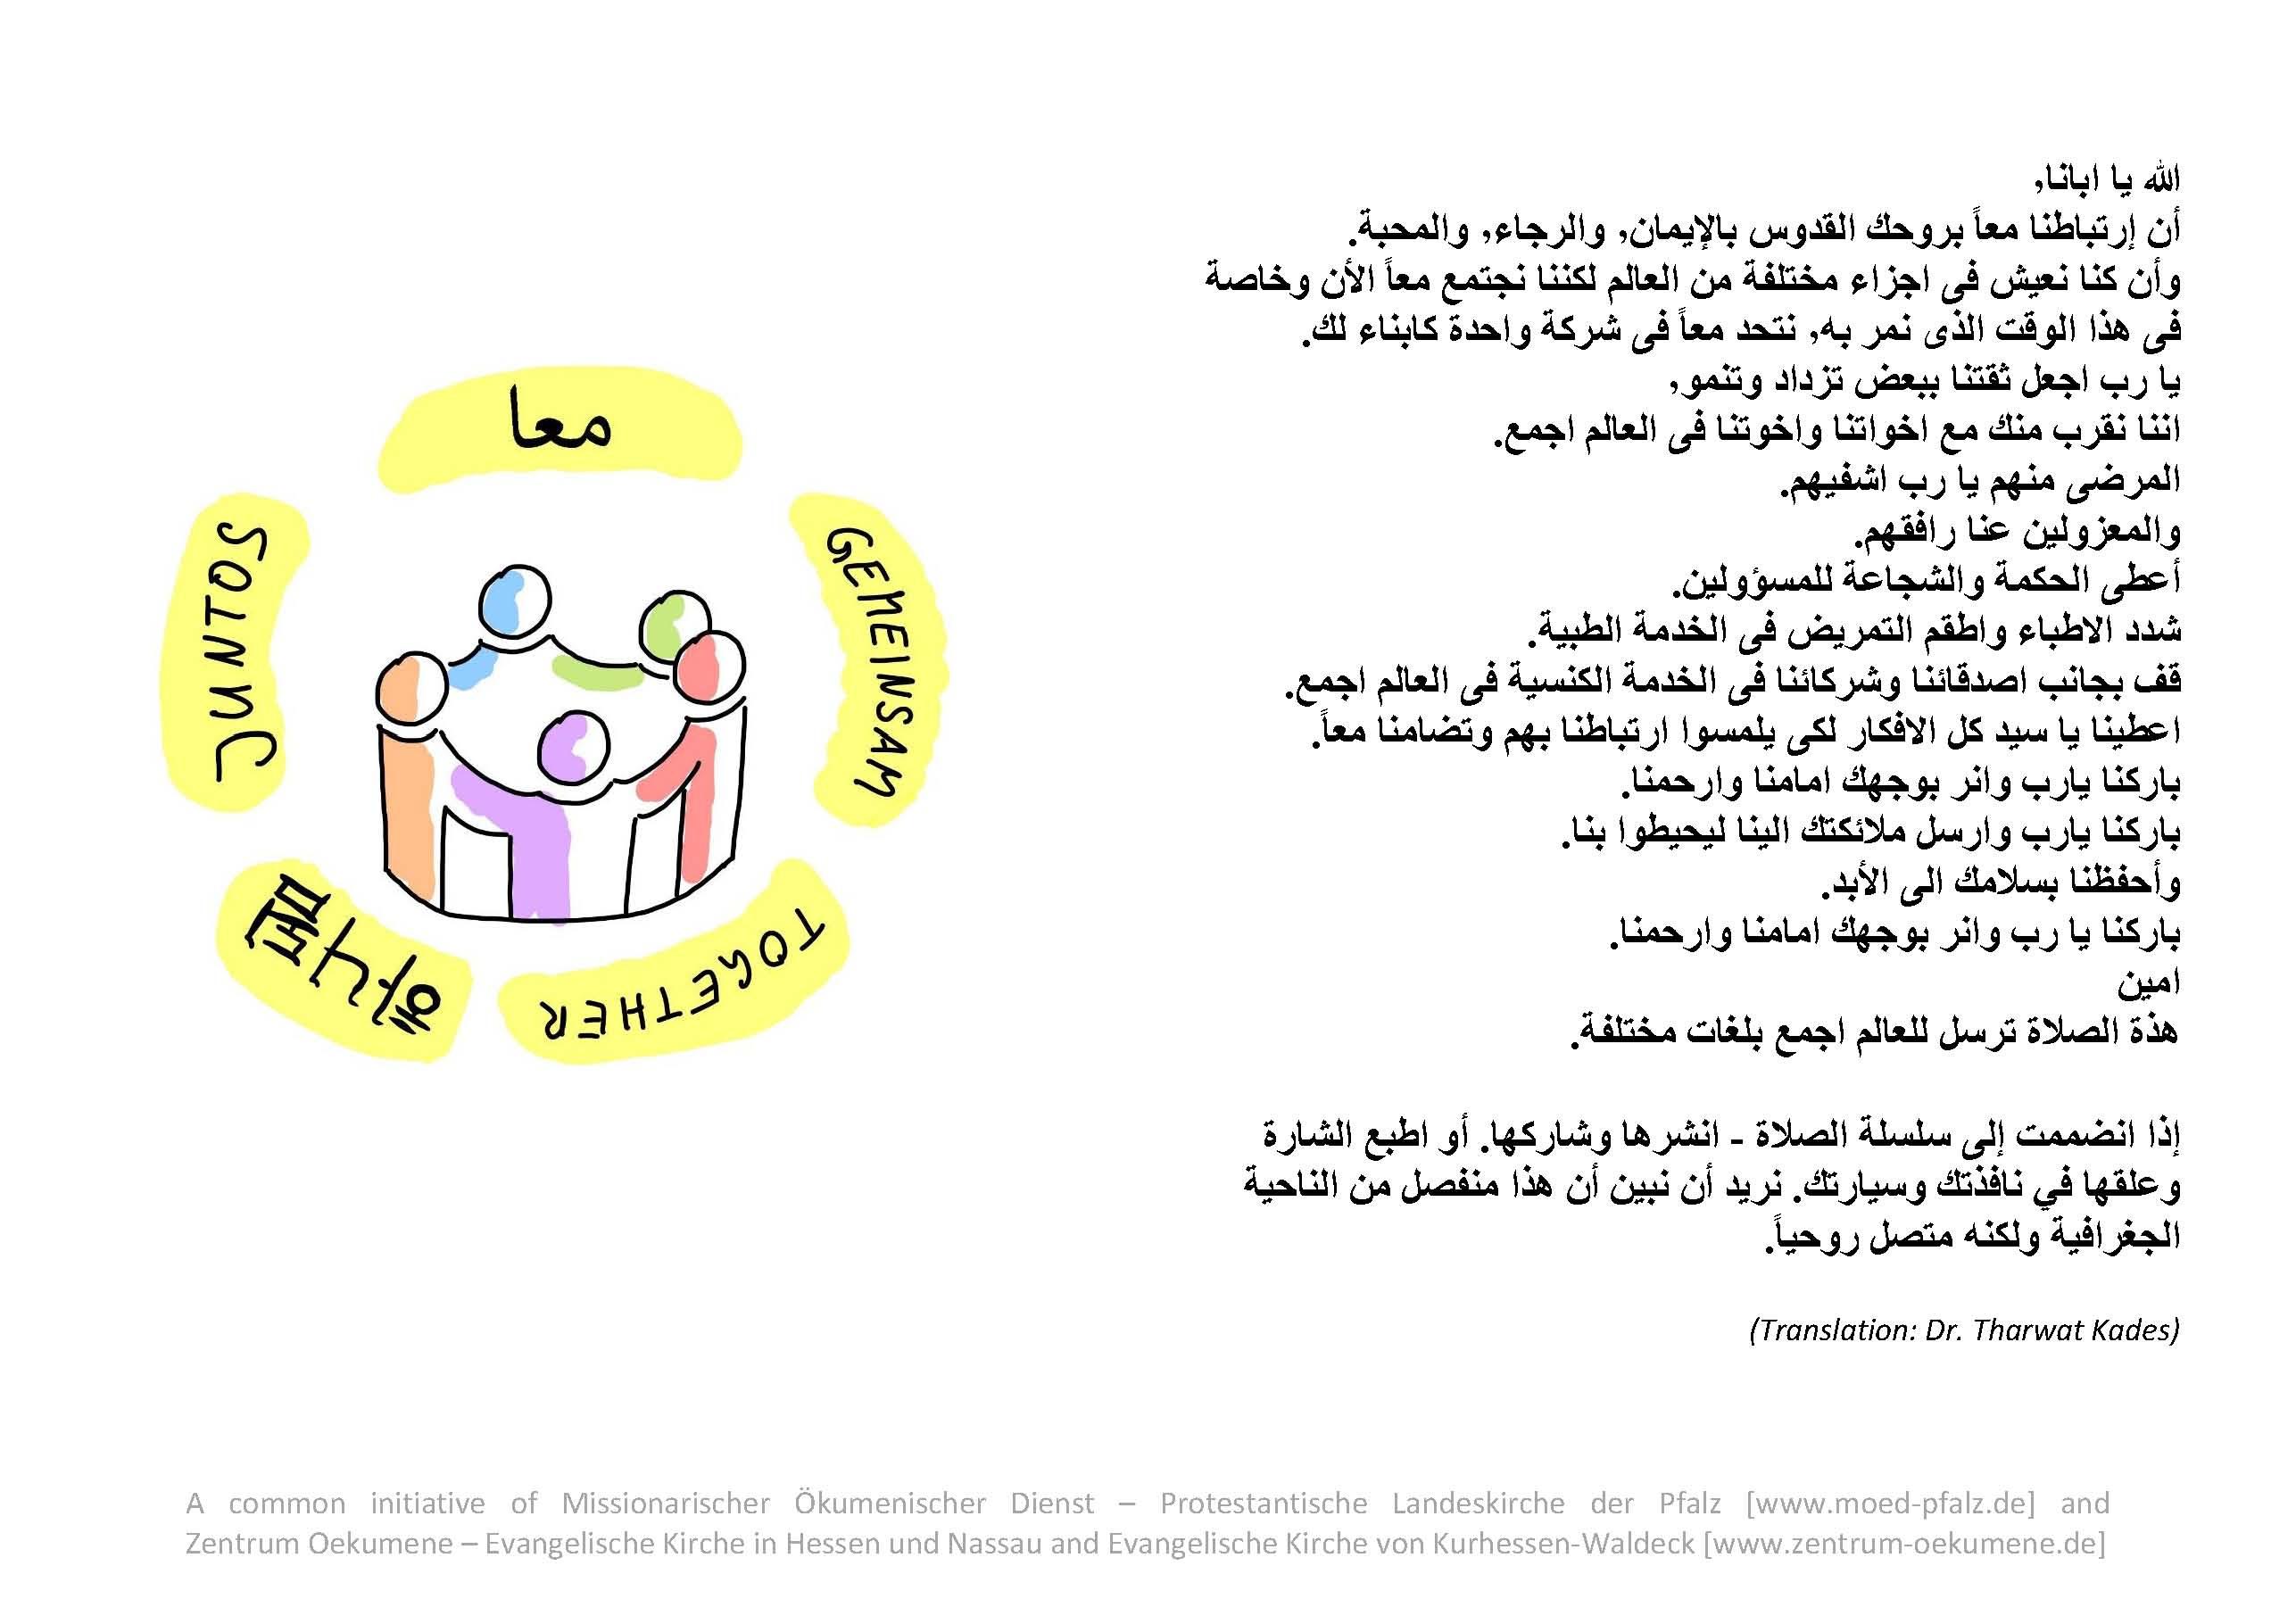 https://www.ekhn.de/fileadmin/content/ekhn.de/download/oekumene/corona/gebete/Gebet_mit_Symbol_Arab.jpg